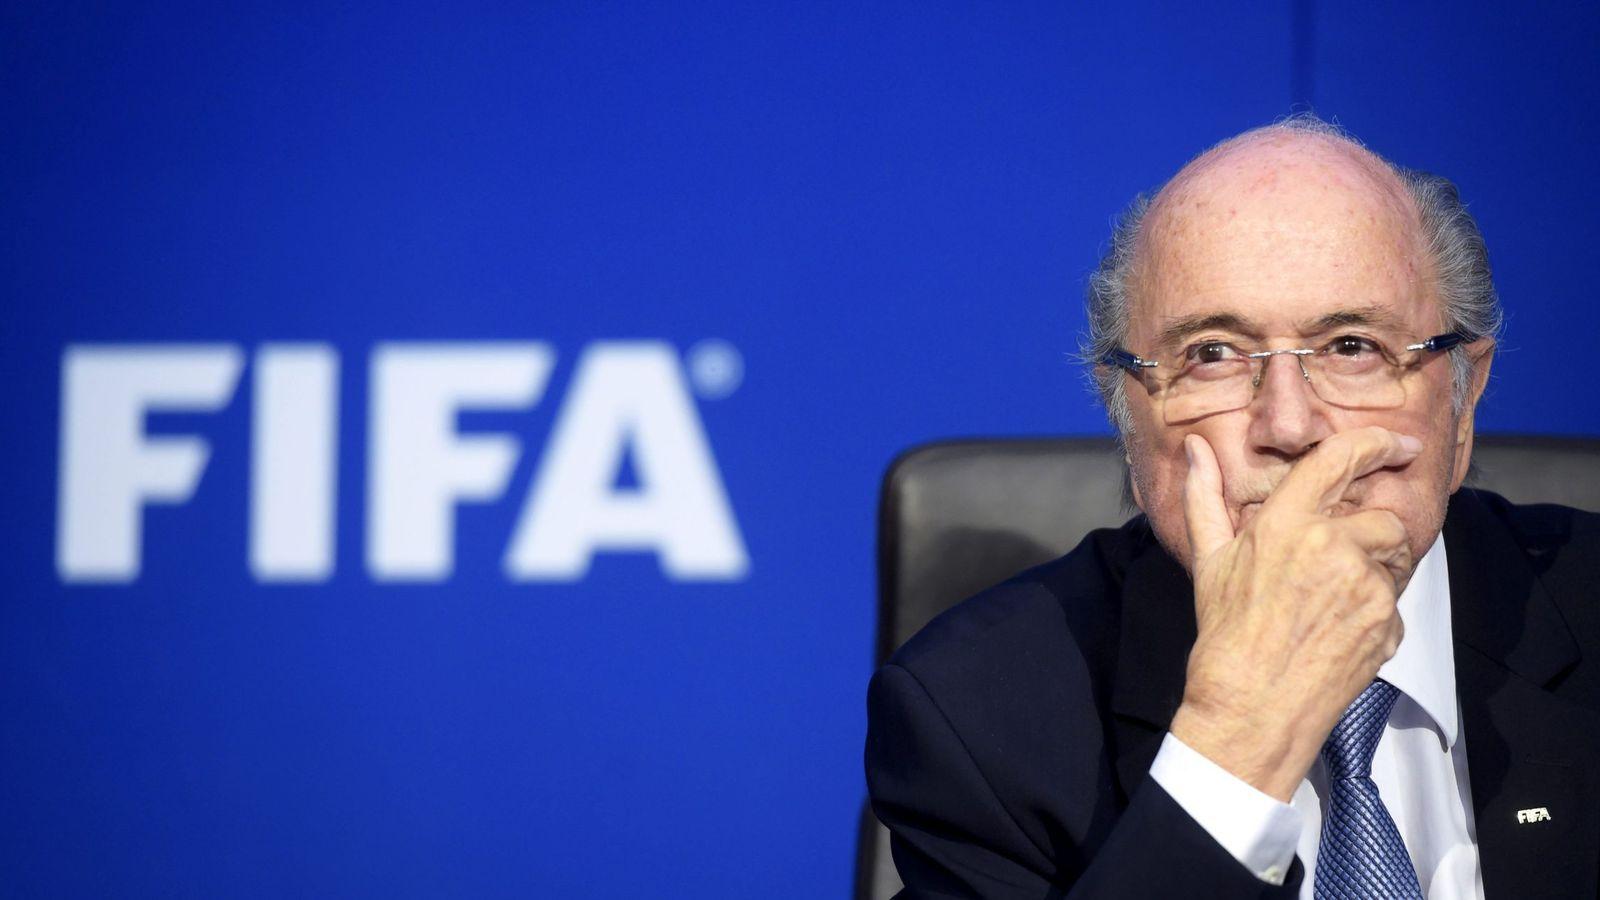 Foto: Blatter presidió la FIFA entre 1998 y 2015 (Ennio Leanza/EFE)